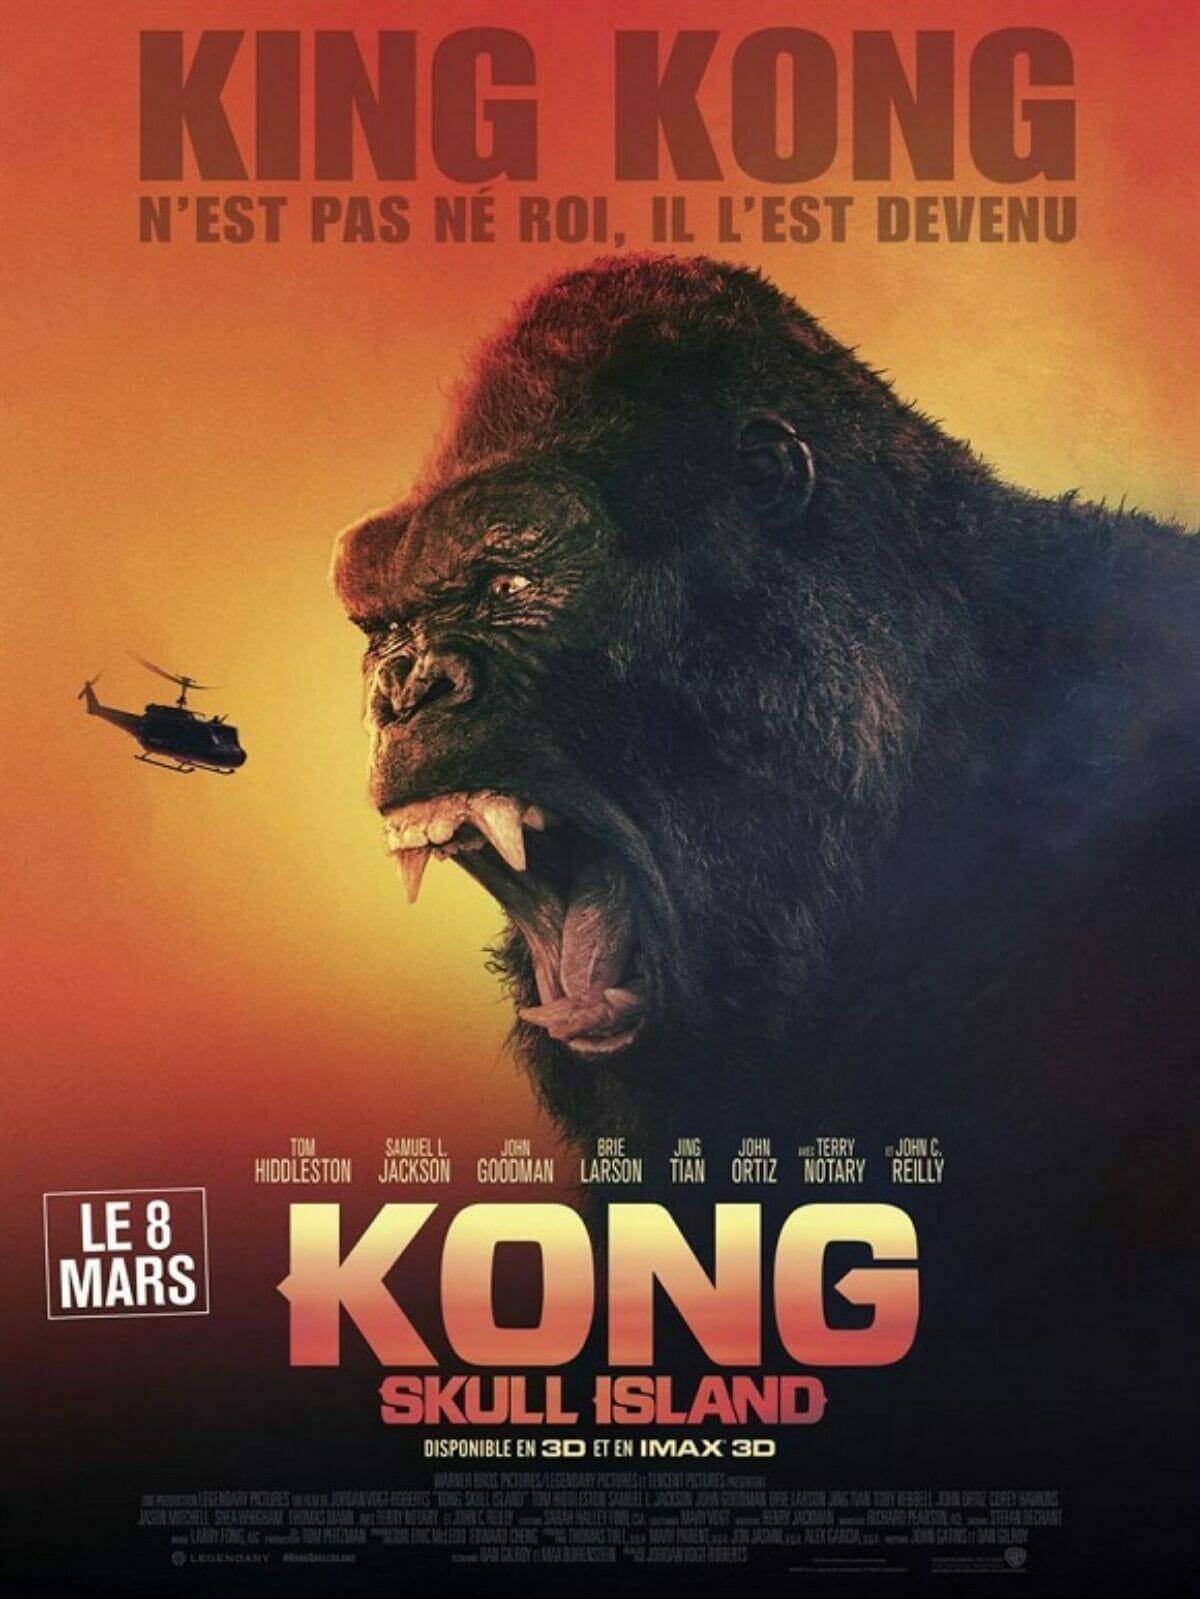 Kong-Skull-Island-poster-france